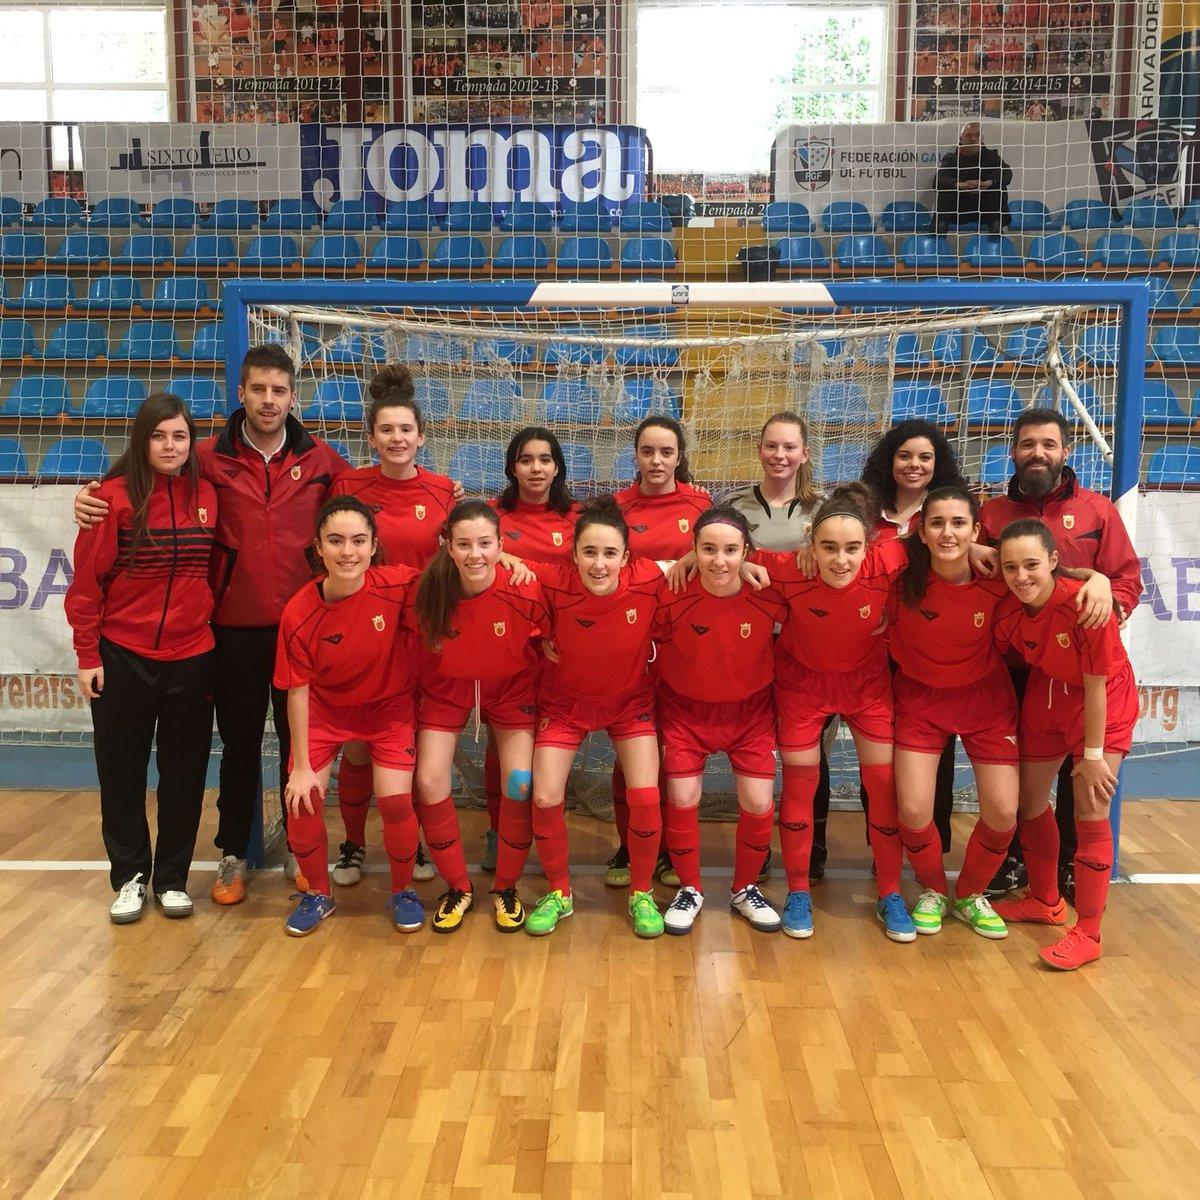 DESDE LA BANDA - FÚTBOL NAVARRO (DLB-FN) | Selección Navarra Fútbol Sala Femenino en Burela.